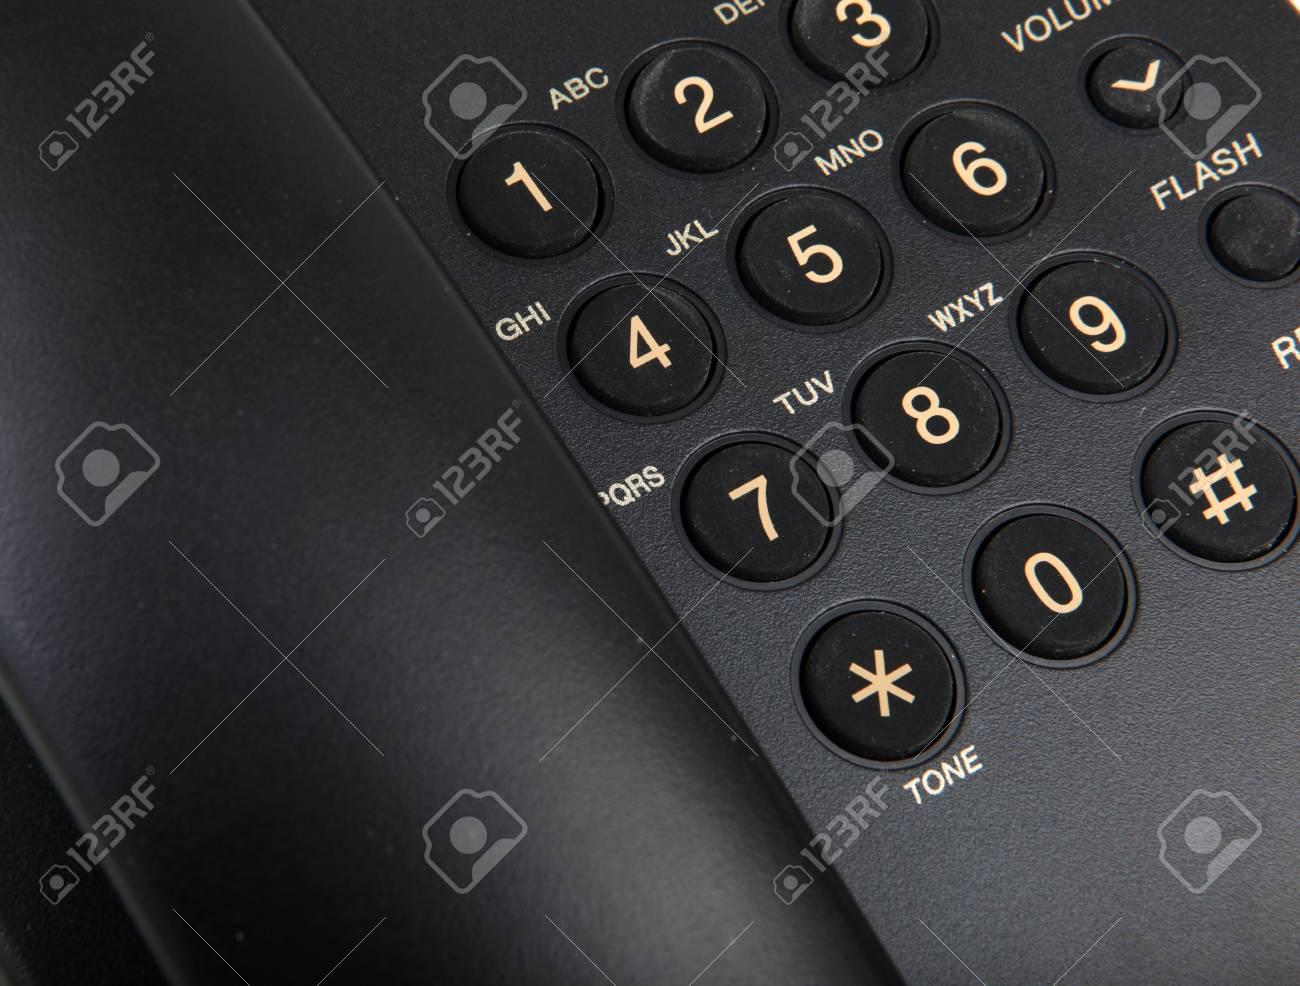 telephone Stock Photo - 18880956